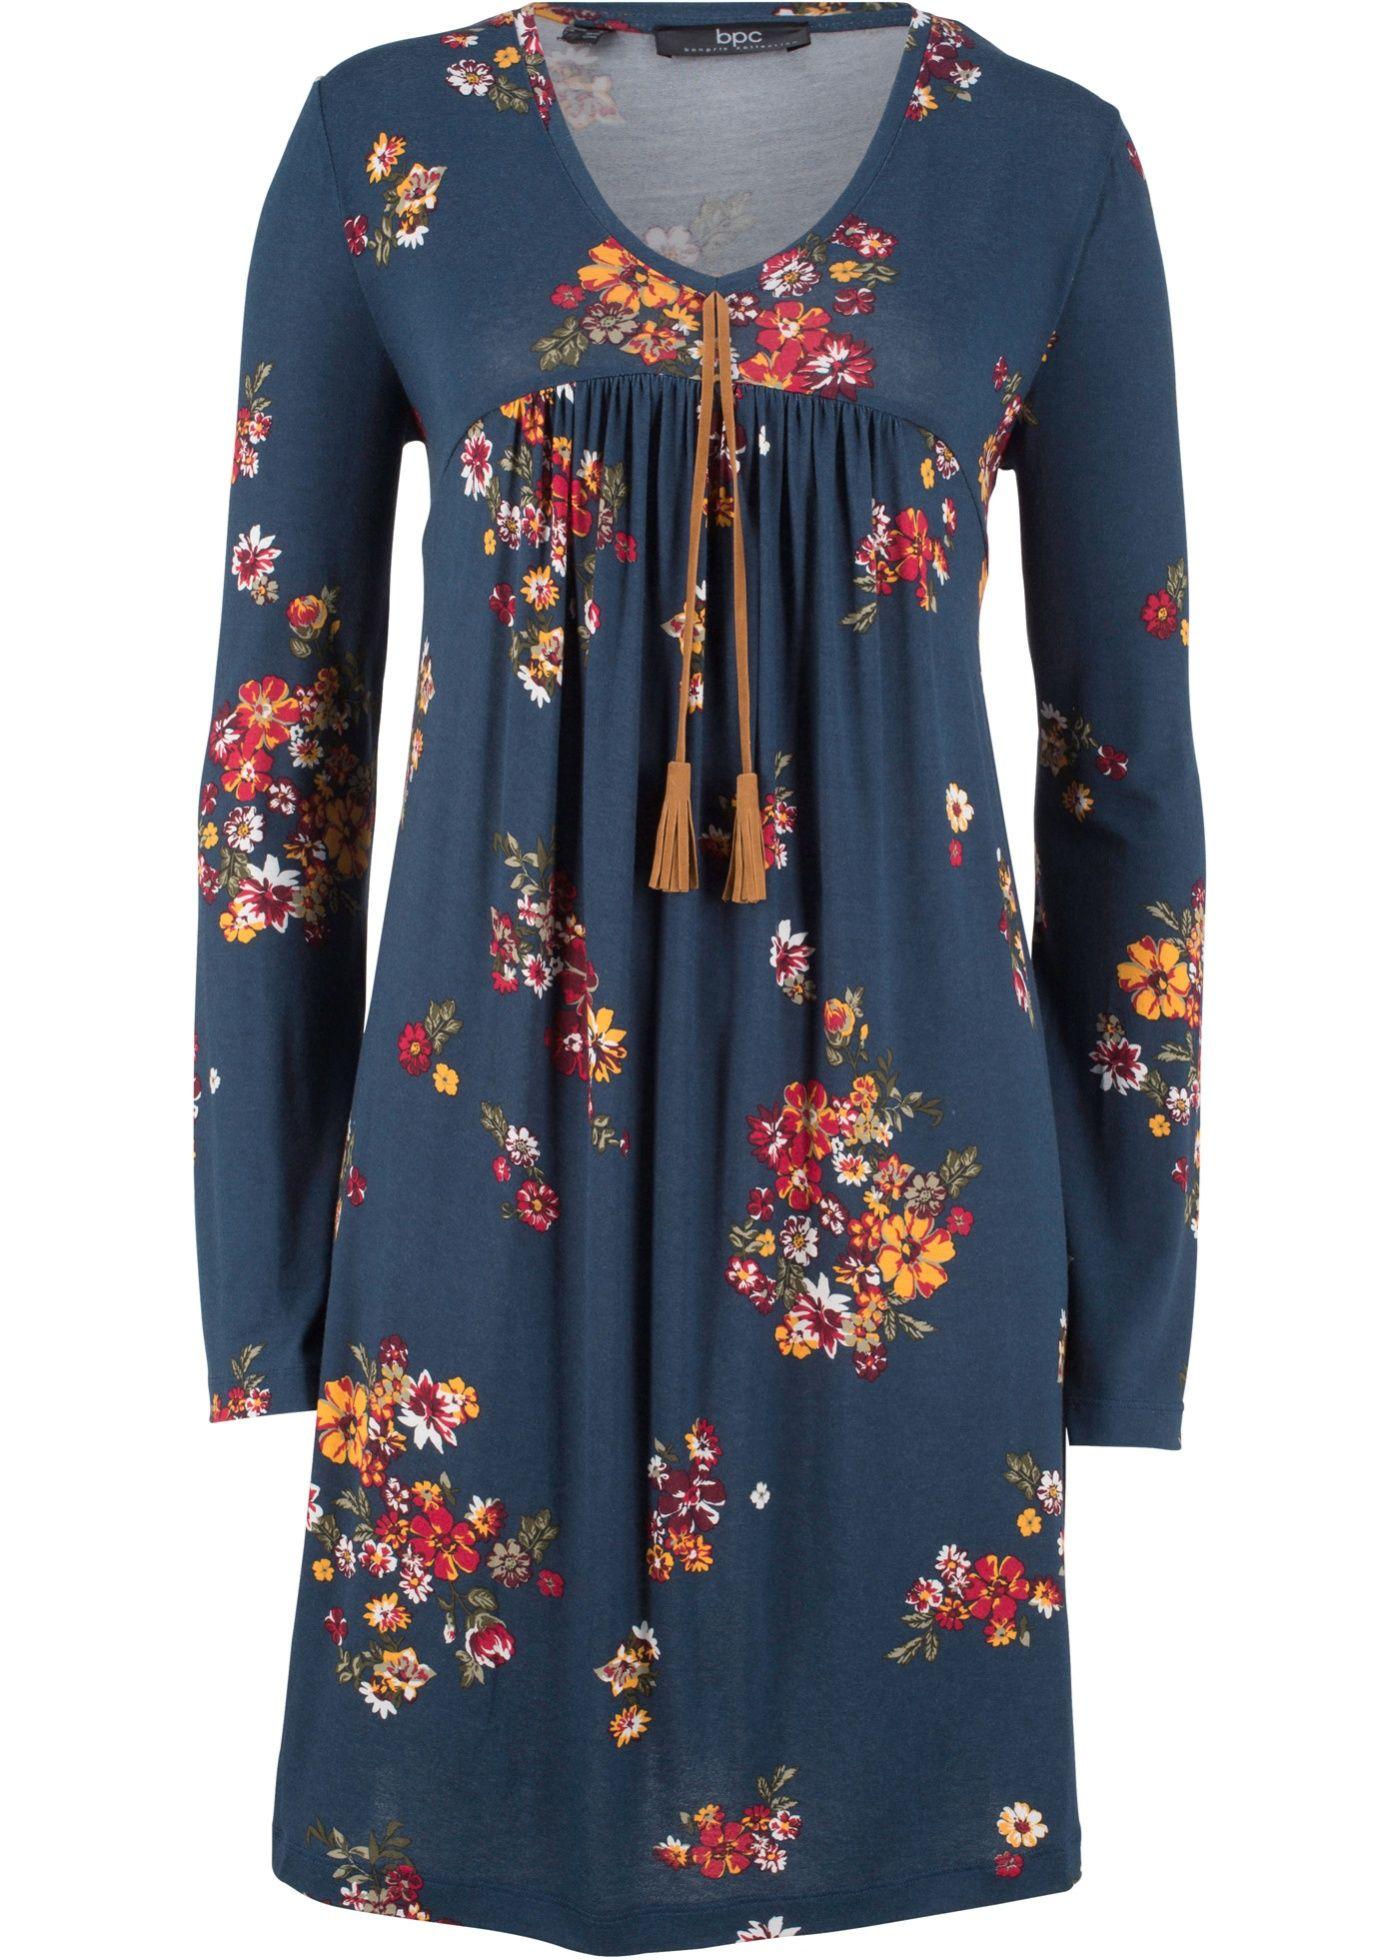 bedrucktes Shirt-Kleid, Langarm | Jersey-kleider, Tuch ...